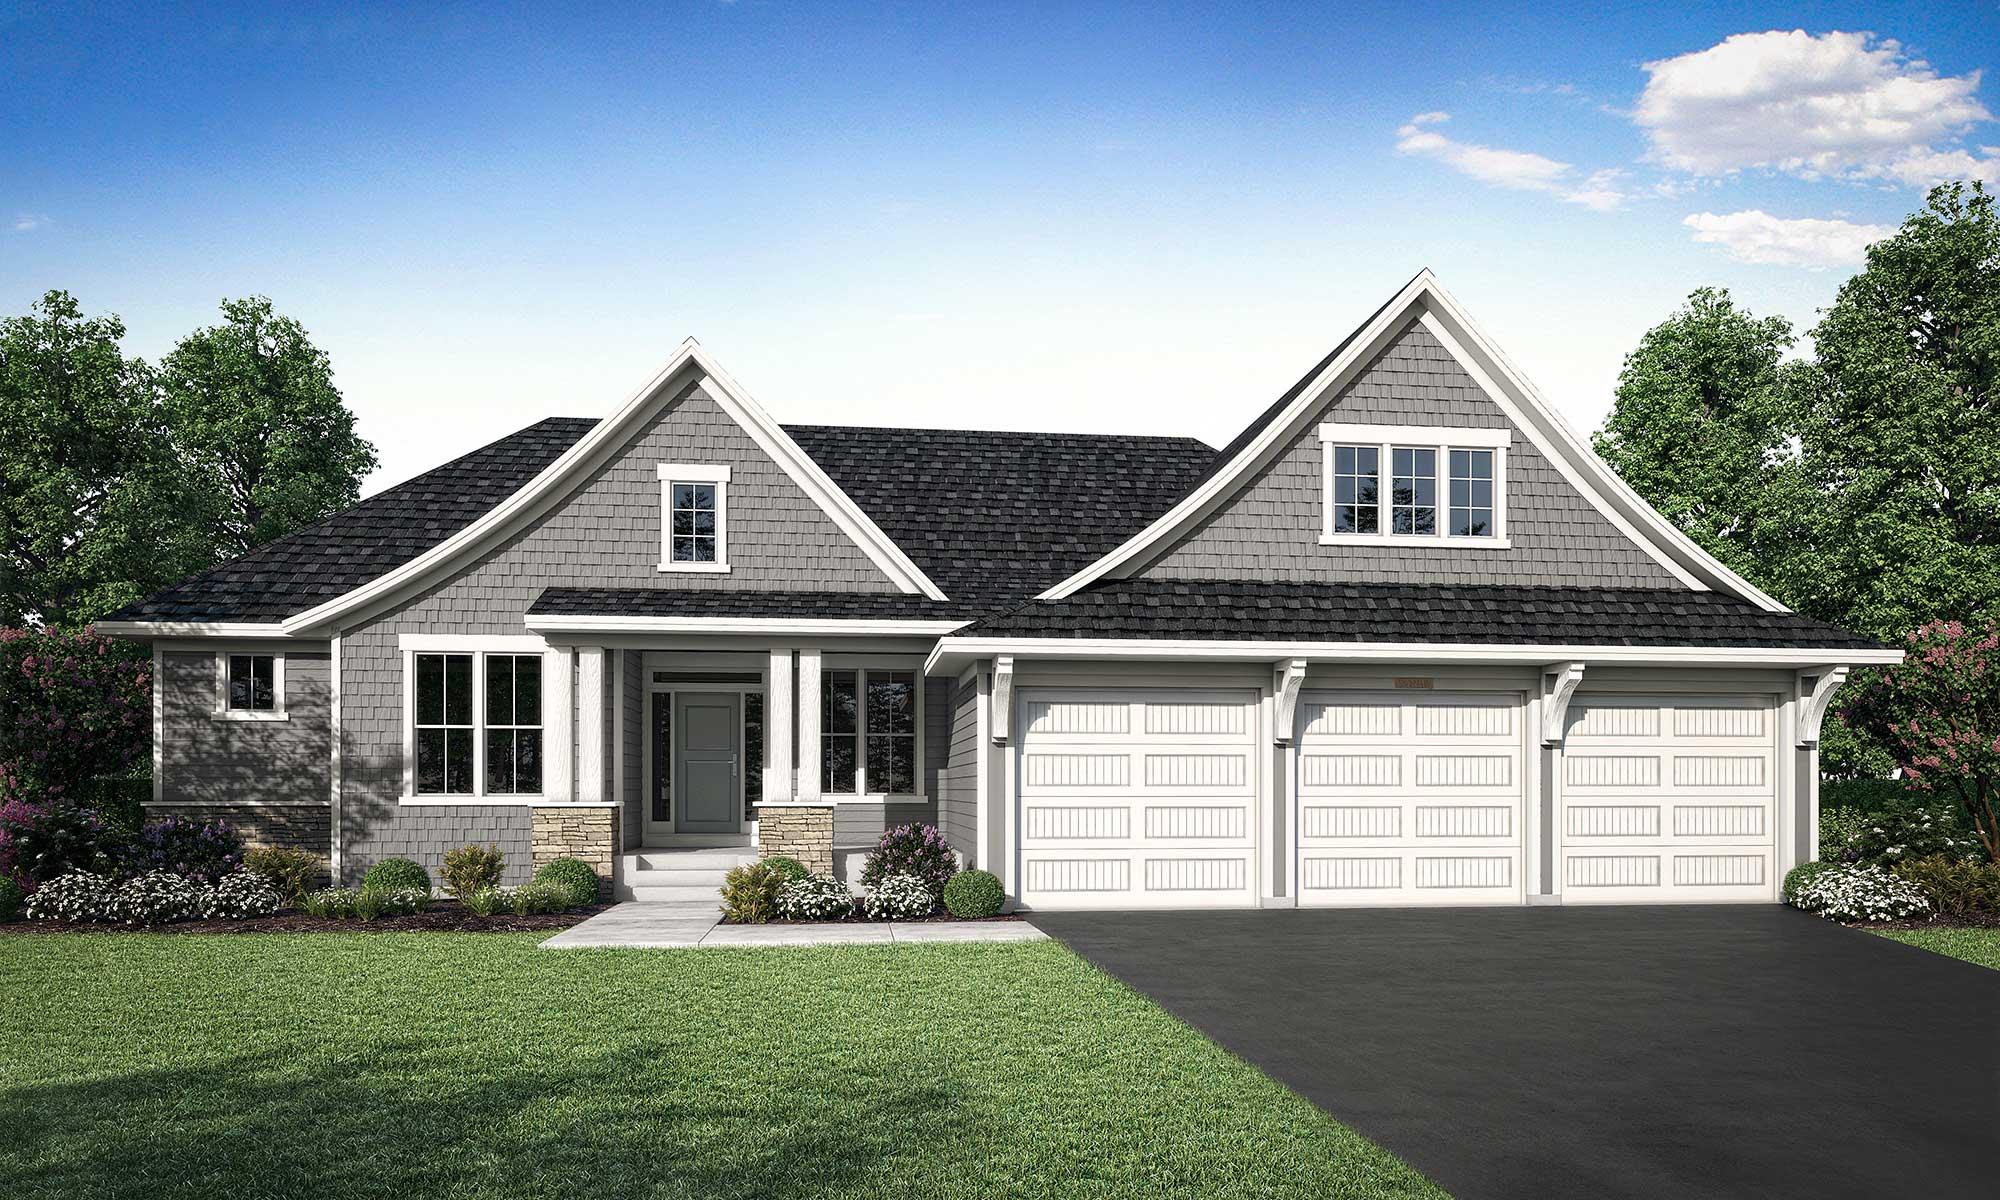 Mississippi home plan Elevation B rendering